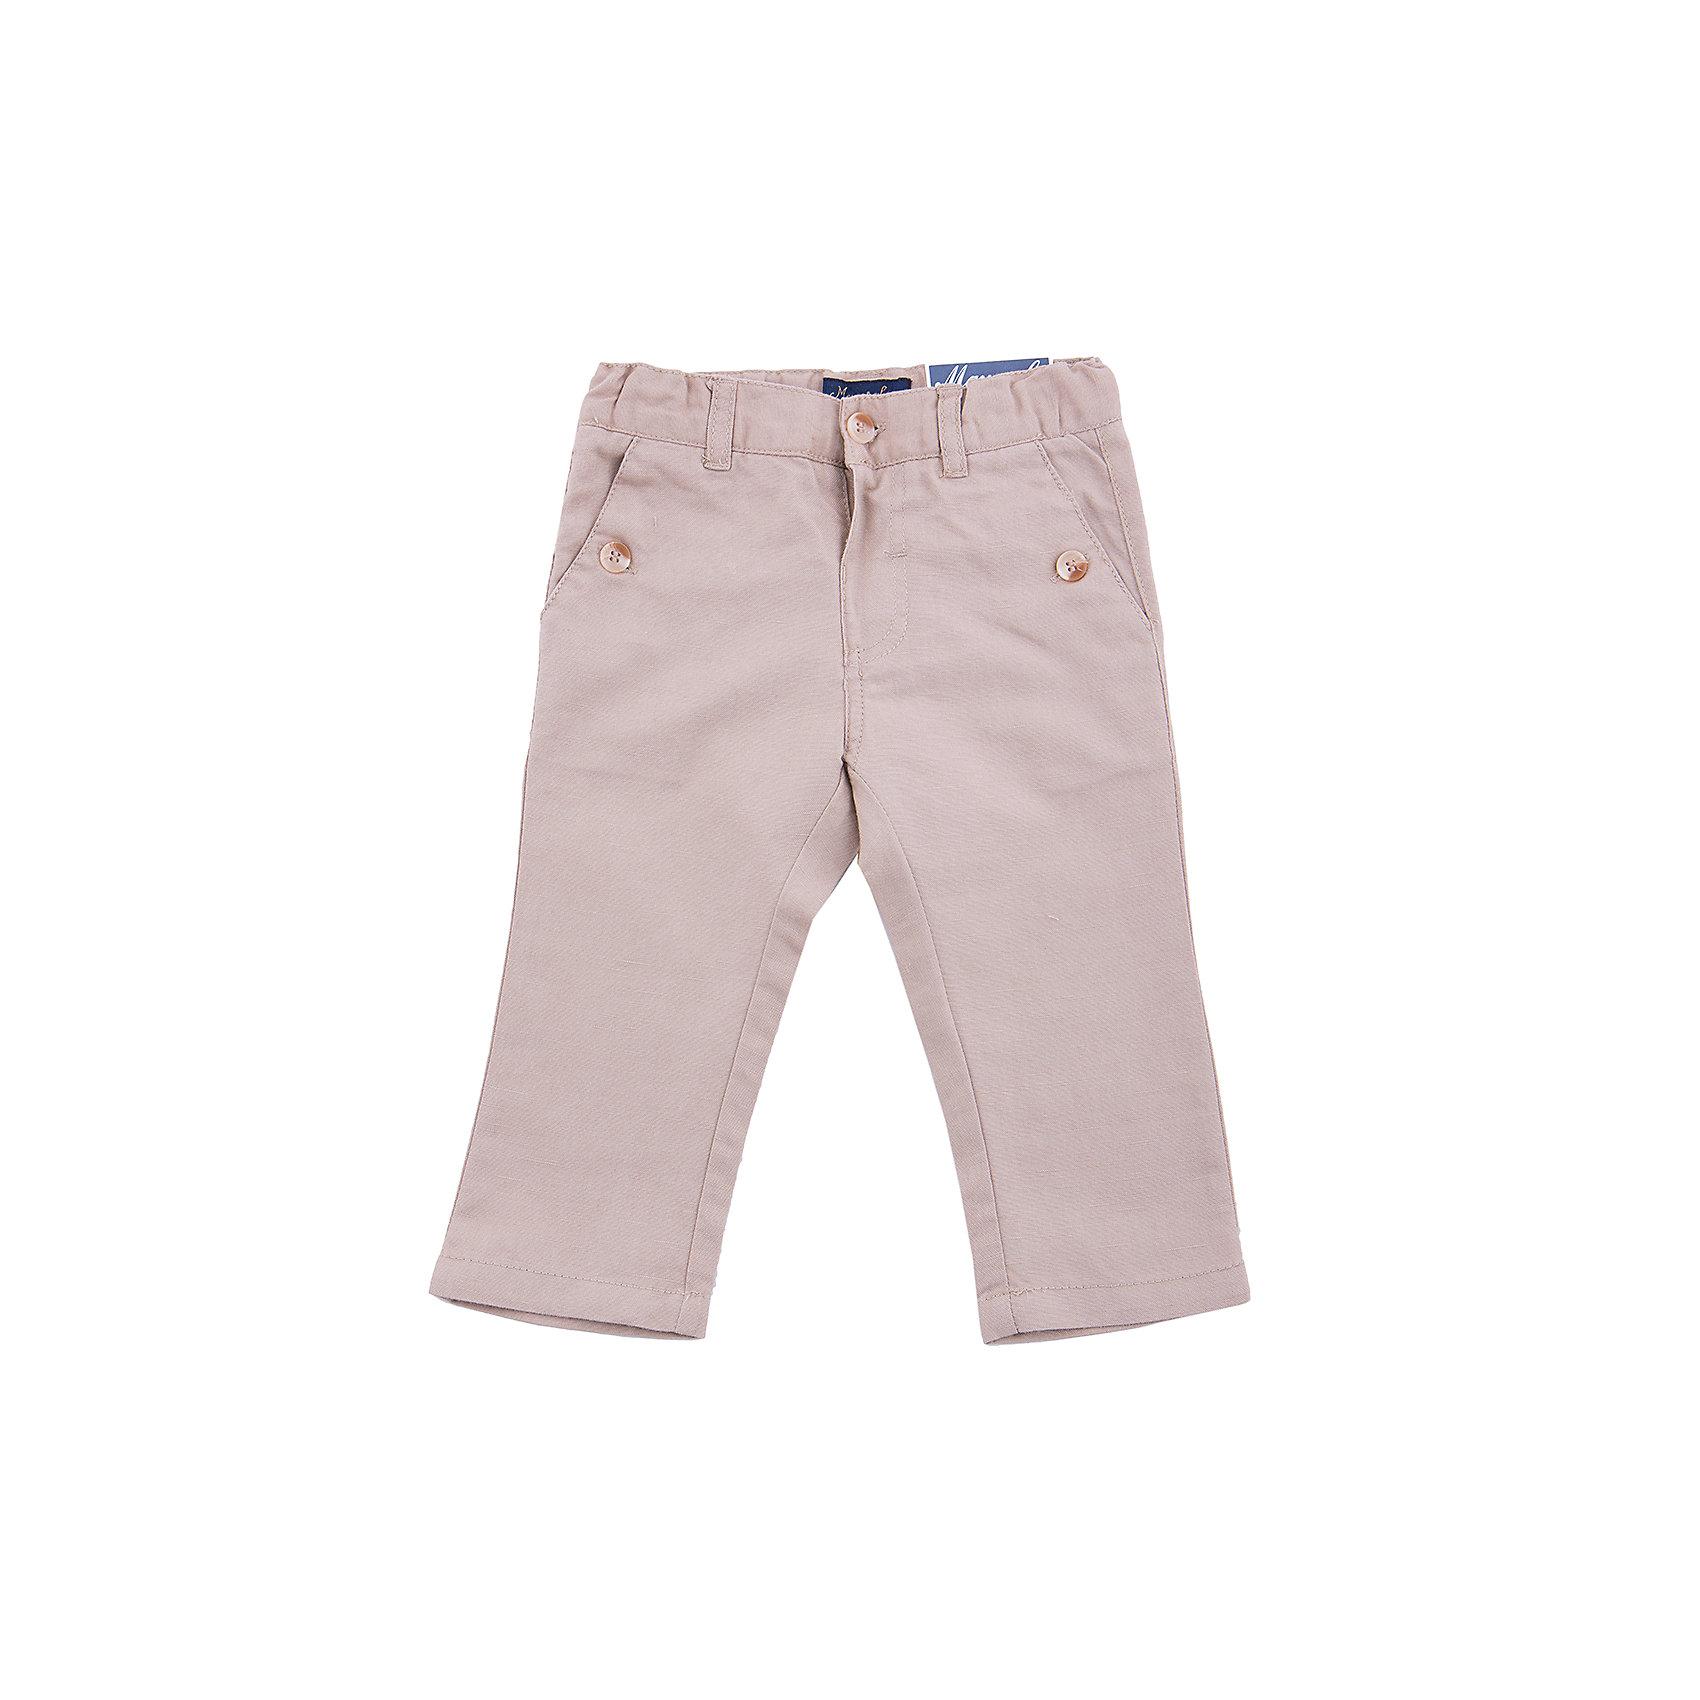 Брюки  MayoralБрюки для мальчика от популярной испанской марки Mayoral.<br><br>Стильные удобные брюки - отличный вариант одежды для нового весенне-летнего сезона. Изделие выполнено из бежевой легкой ткани. На брюках есть удобные функциональные карманы. Внутри - резинки для регулирования размера.<br><br>Одежда Mayoral делается из натуральных экологически чистых материалов, которые не вызывают аллергию. Каждая вещь тщательно проработана, как с точки зрения дизайна, так и в плане обработки каждого шва. Соотношение цена/качество у одежды от  Mayoral  без преувеличения можно назвать просто отличным. Изделия этого бренда и в нашей стране все больше завоевывают любовь детей и родителей, становясь признаком отличного вкуса.<br><br>Состав: 55% лен, 45% хлопок<br><br>Уход за изделием:<br><br>стирка в машине при температуре до 30°С,<br>не отбеливать,<br>гладить на низкой температуре.<br> <br>Габариты:<br><br>длина штанин по внутреннему шву – 25 см.<br><br>*Числовые параметры соответствуют росту 74<br><br>Брюки для мальчика Mayoral (Майорал) можно купить в нашем магазине.<br><br>Ширина мм: 215<br>Глубина мм: 88<br>Высота мм: 191<br>Вес г: 336<br>Цвет: разноцветный<br>Возраст от месяцев: 6<br>Возраст до месяцев: 9<br>Пол: Унисекс<br>Возраст: Детский<br>Размер: 74,92,80,86<br>SKU: 4232321